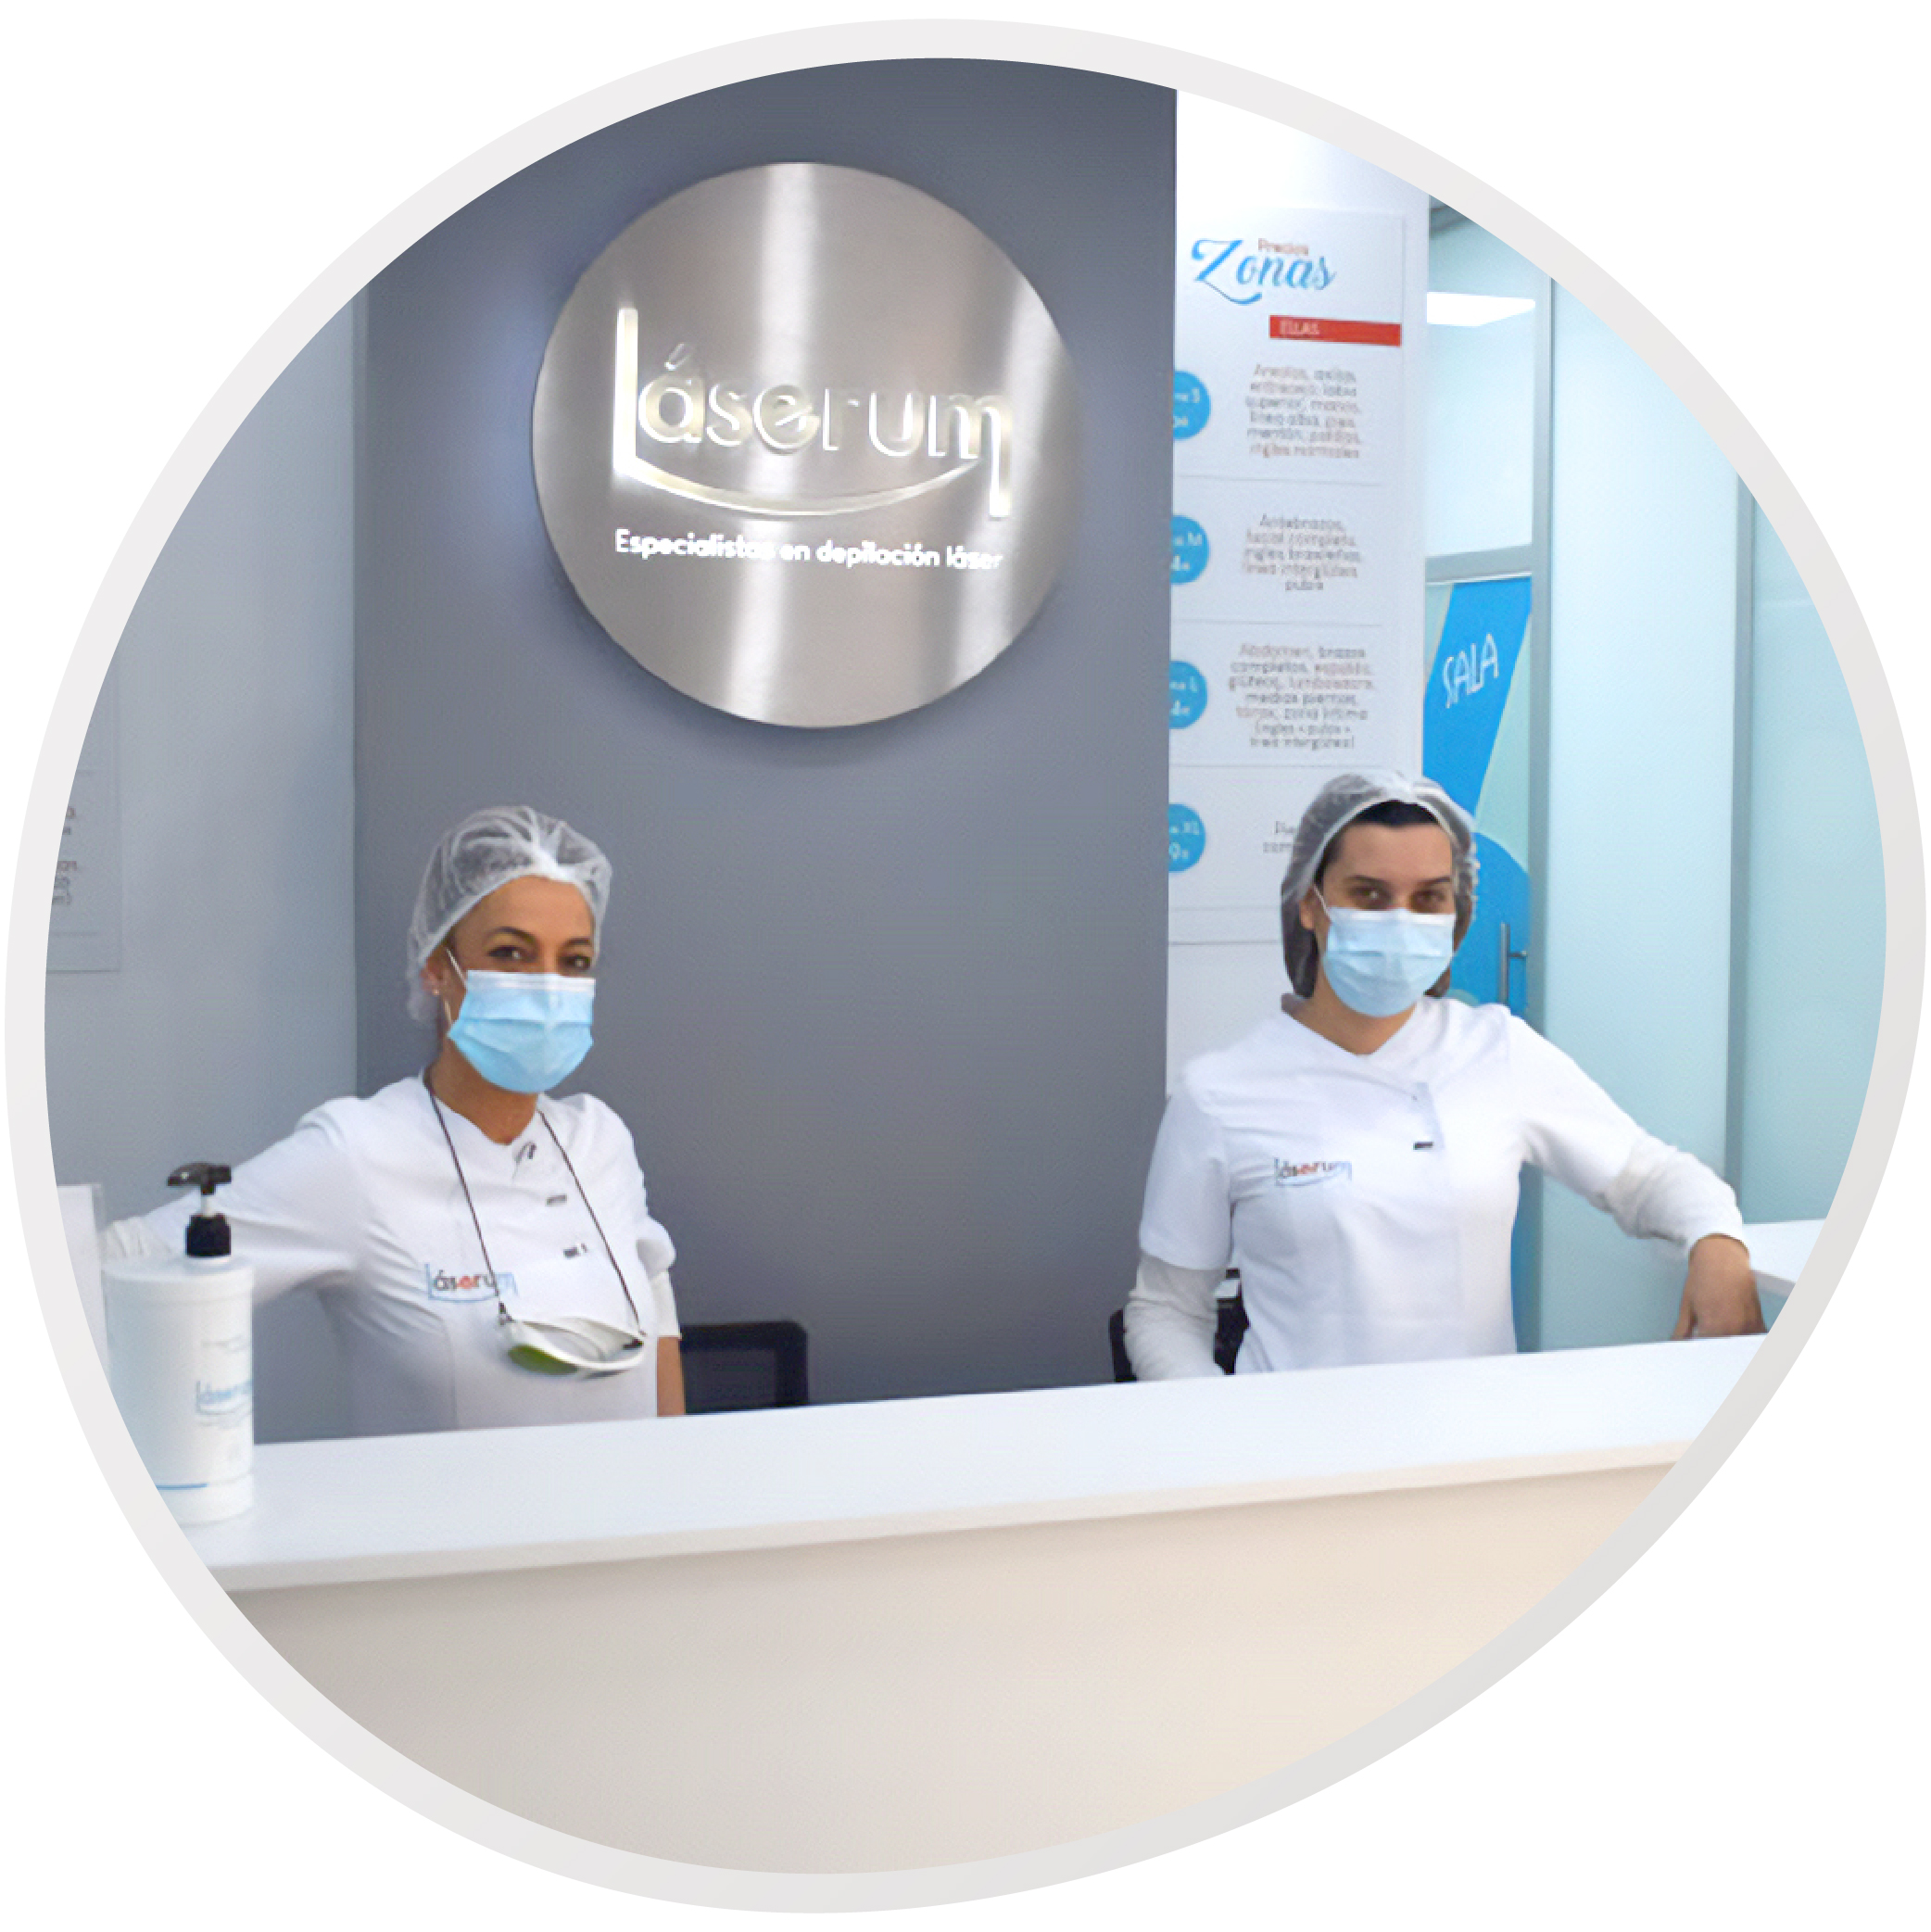 centros laserum recepcion